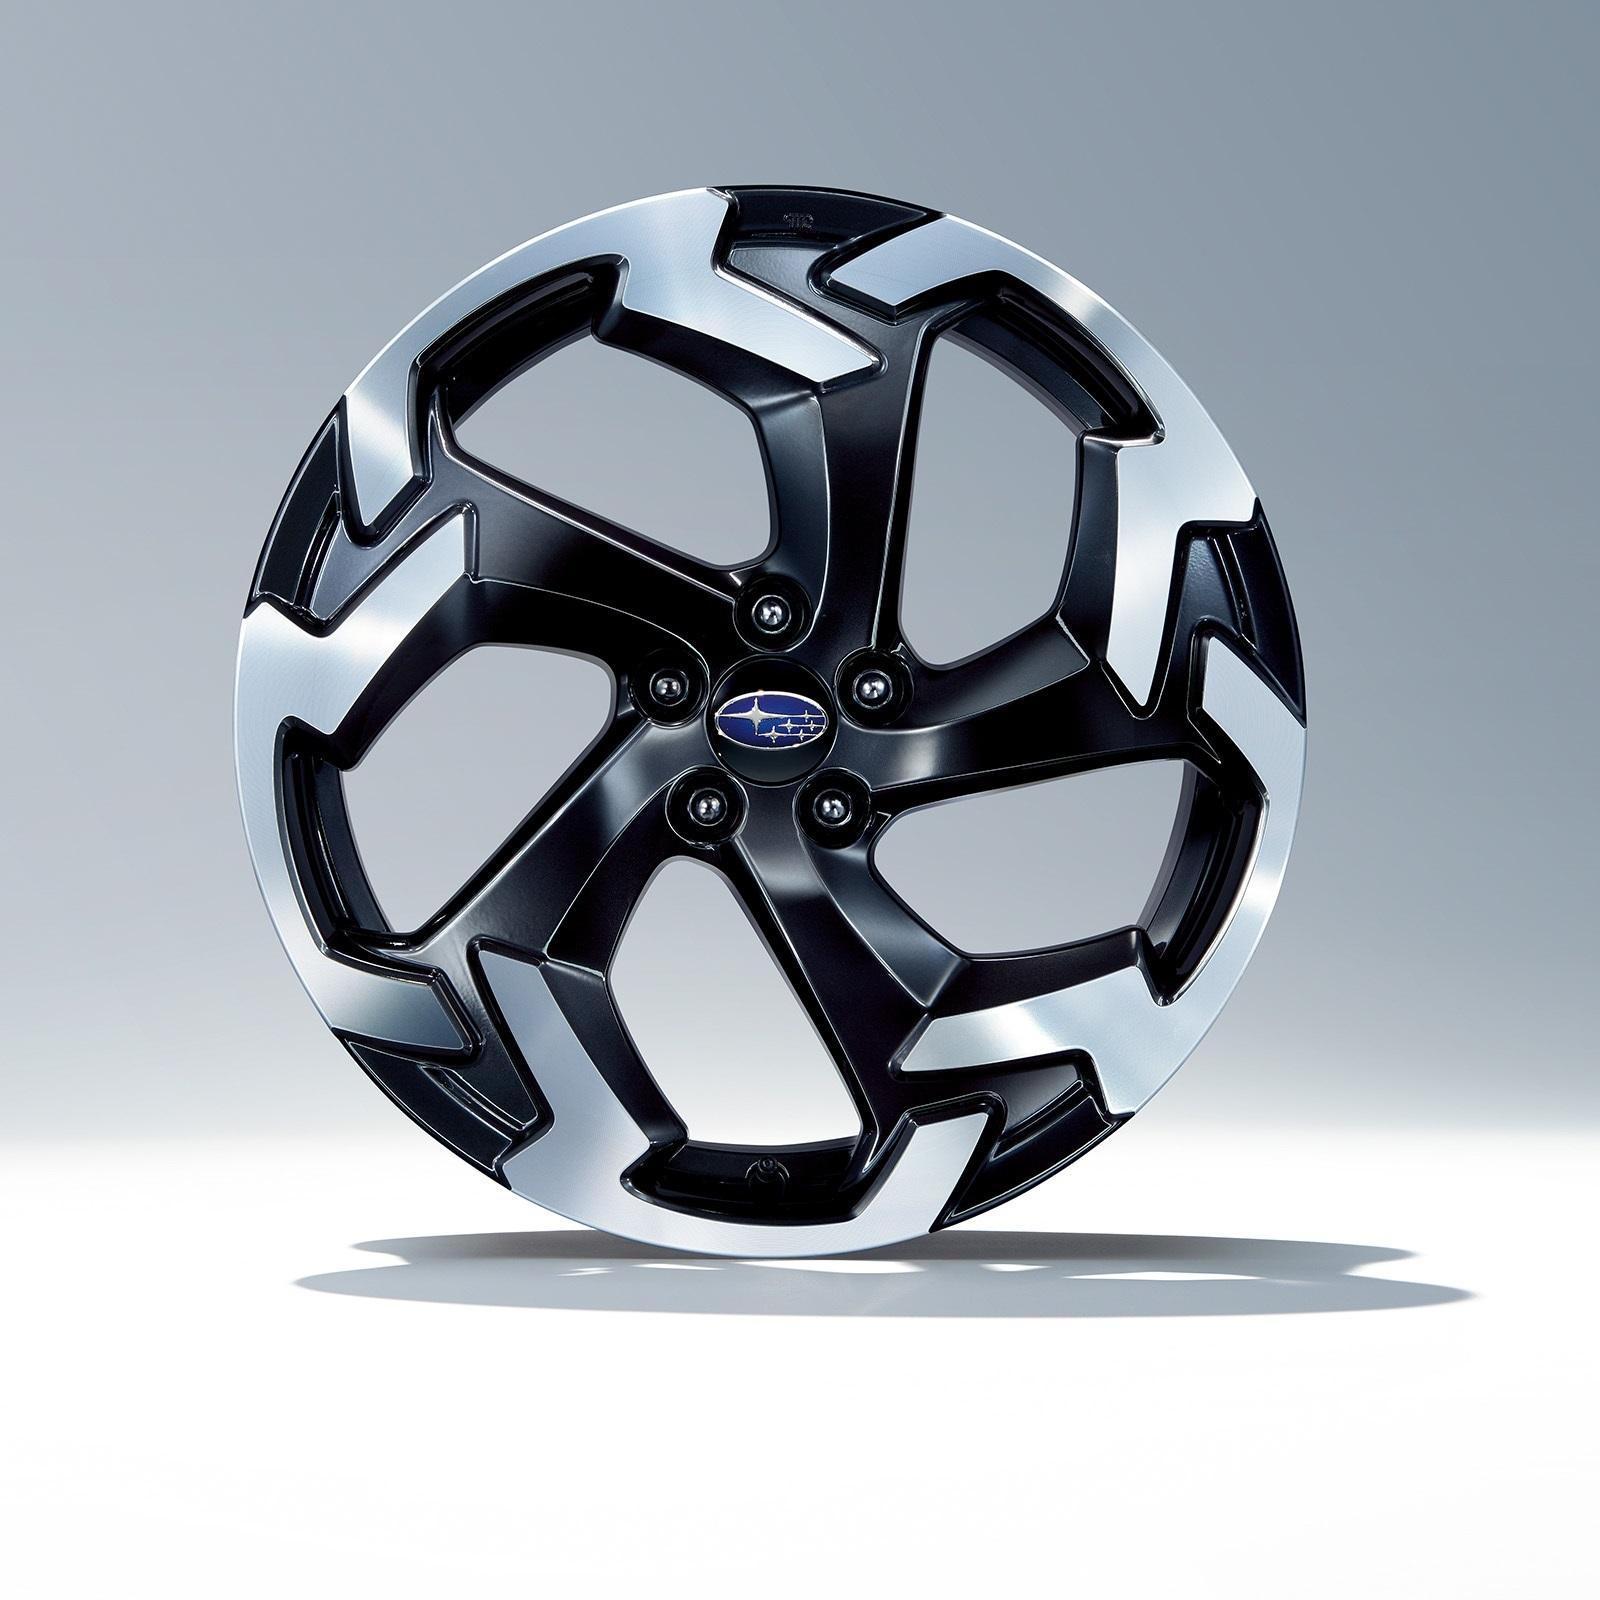 インプレッサWRXのスポーツワゴンからXVのあるべき姿を想像する_f0076731_16310337.jpg